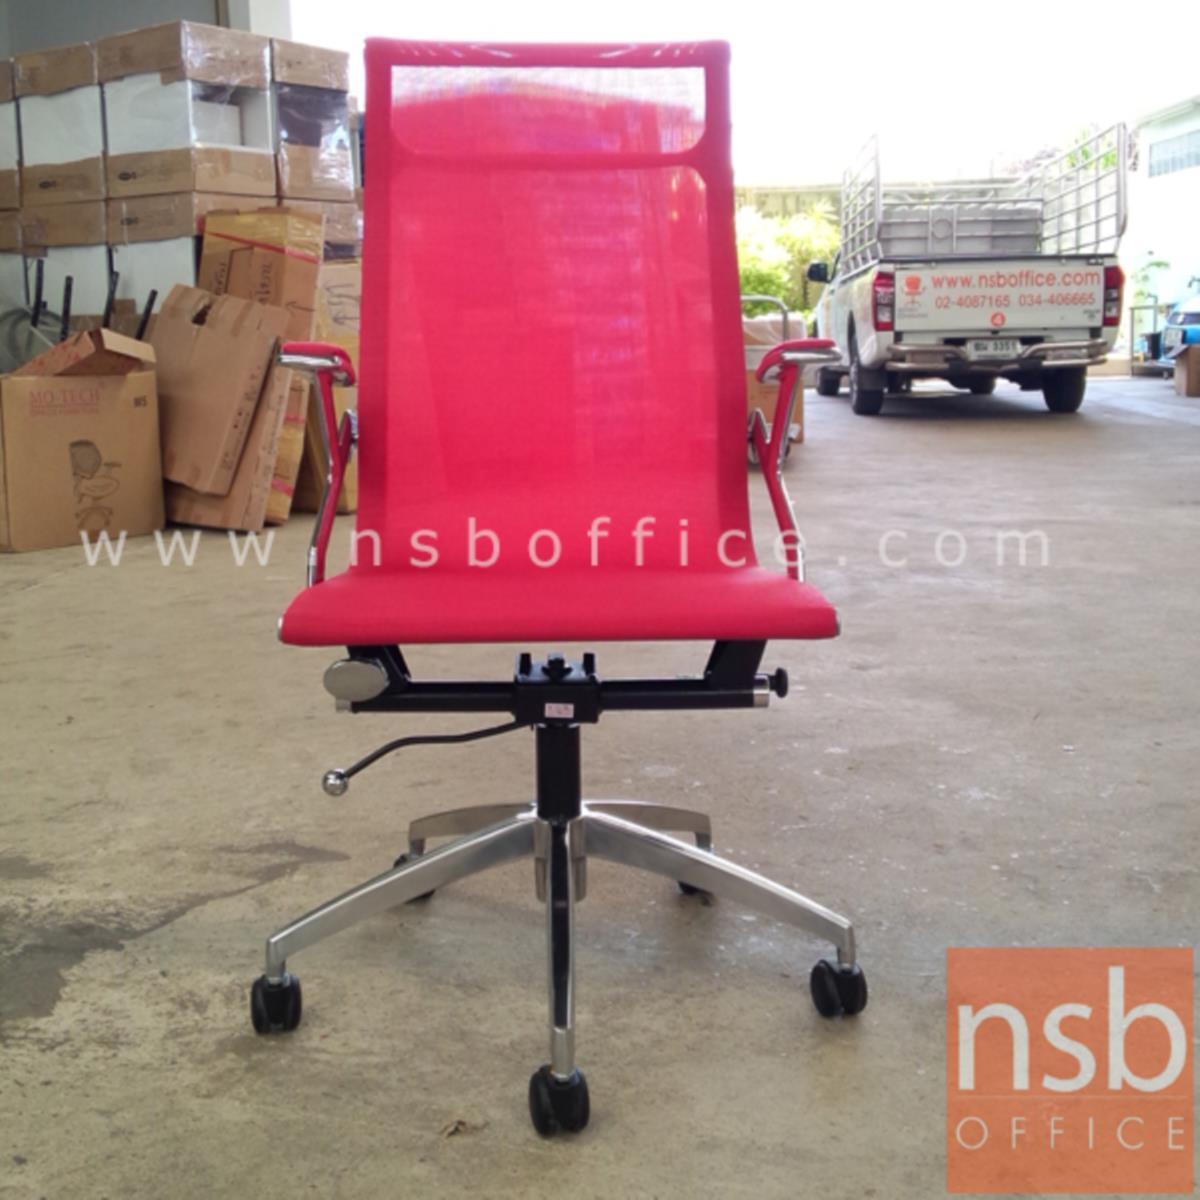 เก้าอี้ผู้บริหารหลังเน็ต รุ่น JR-613W  โช๊คแก๊ส มีก้อนโยก ขาอลูมิเนียม